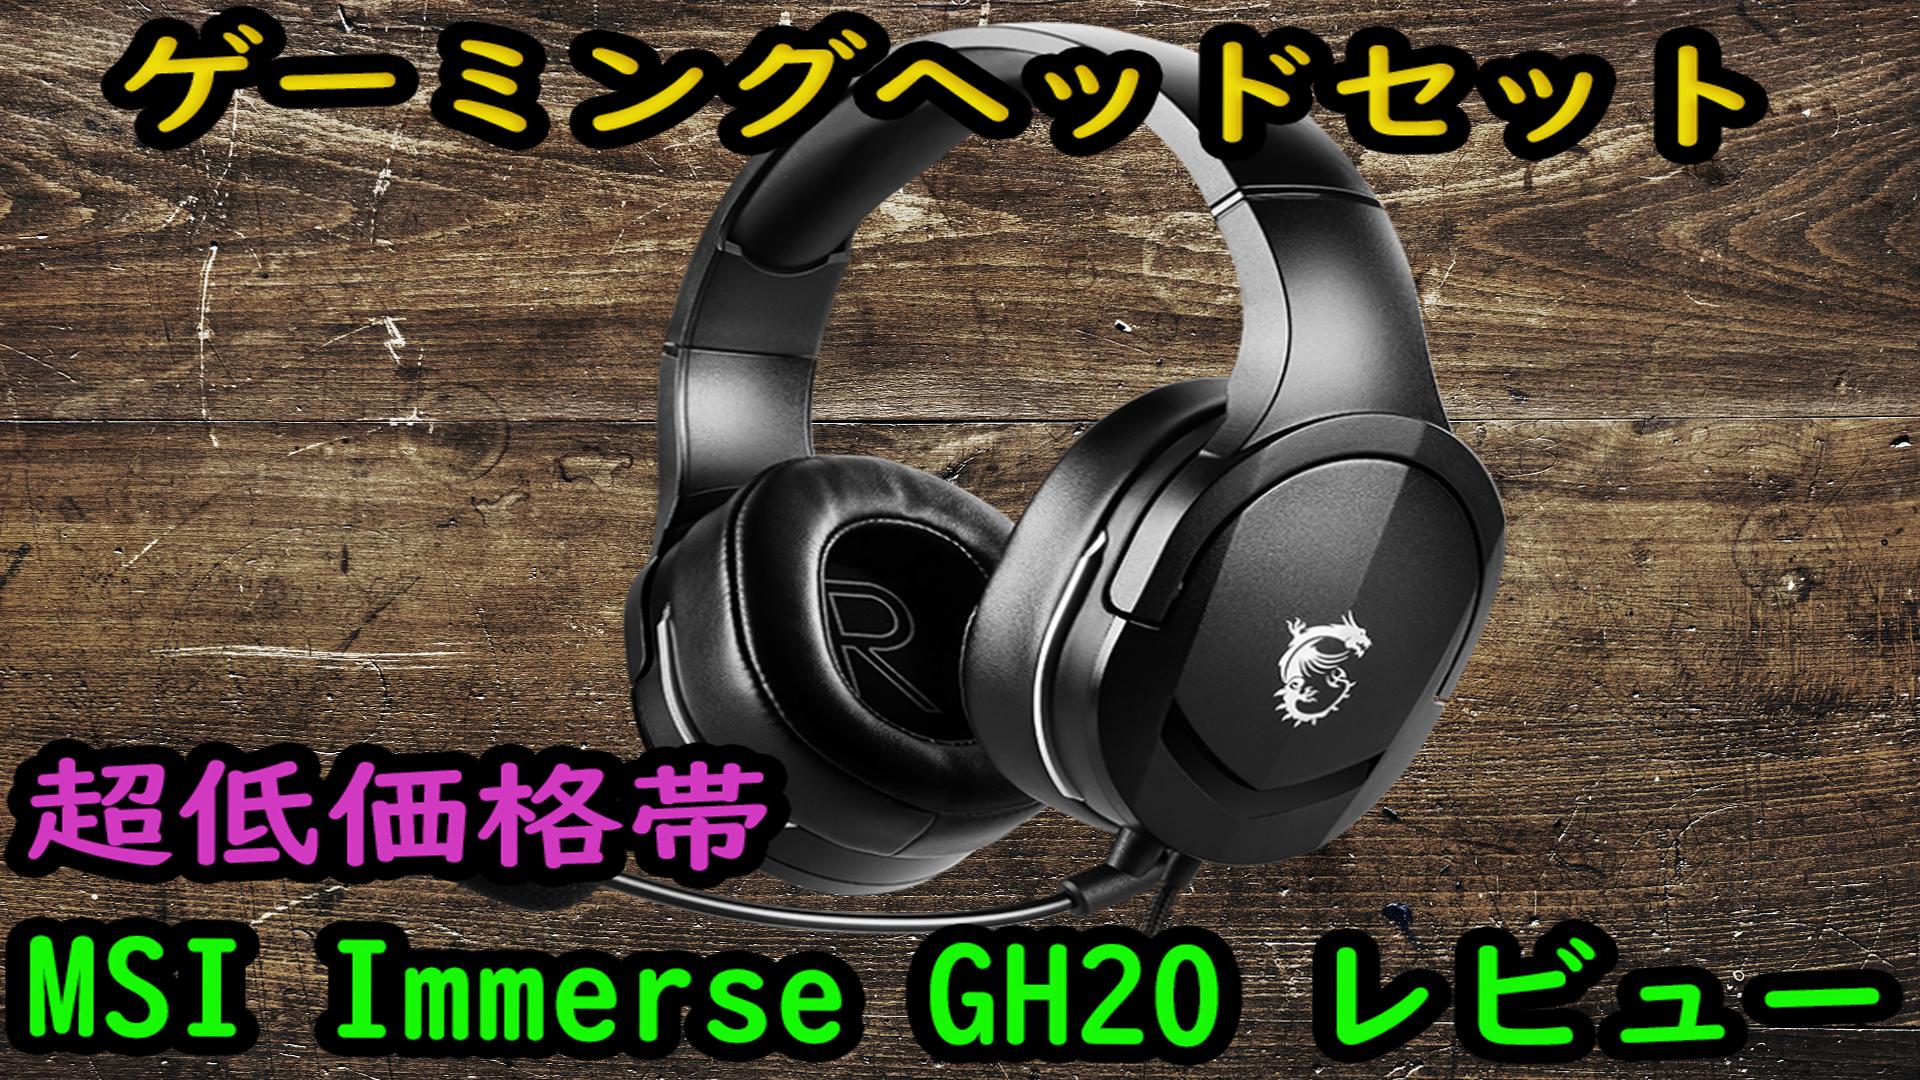 【安い!】ゲーミングヘッドセット MSI IMMERSE GH20【PS4・SWITCHにおすすめ】